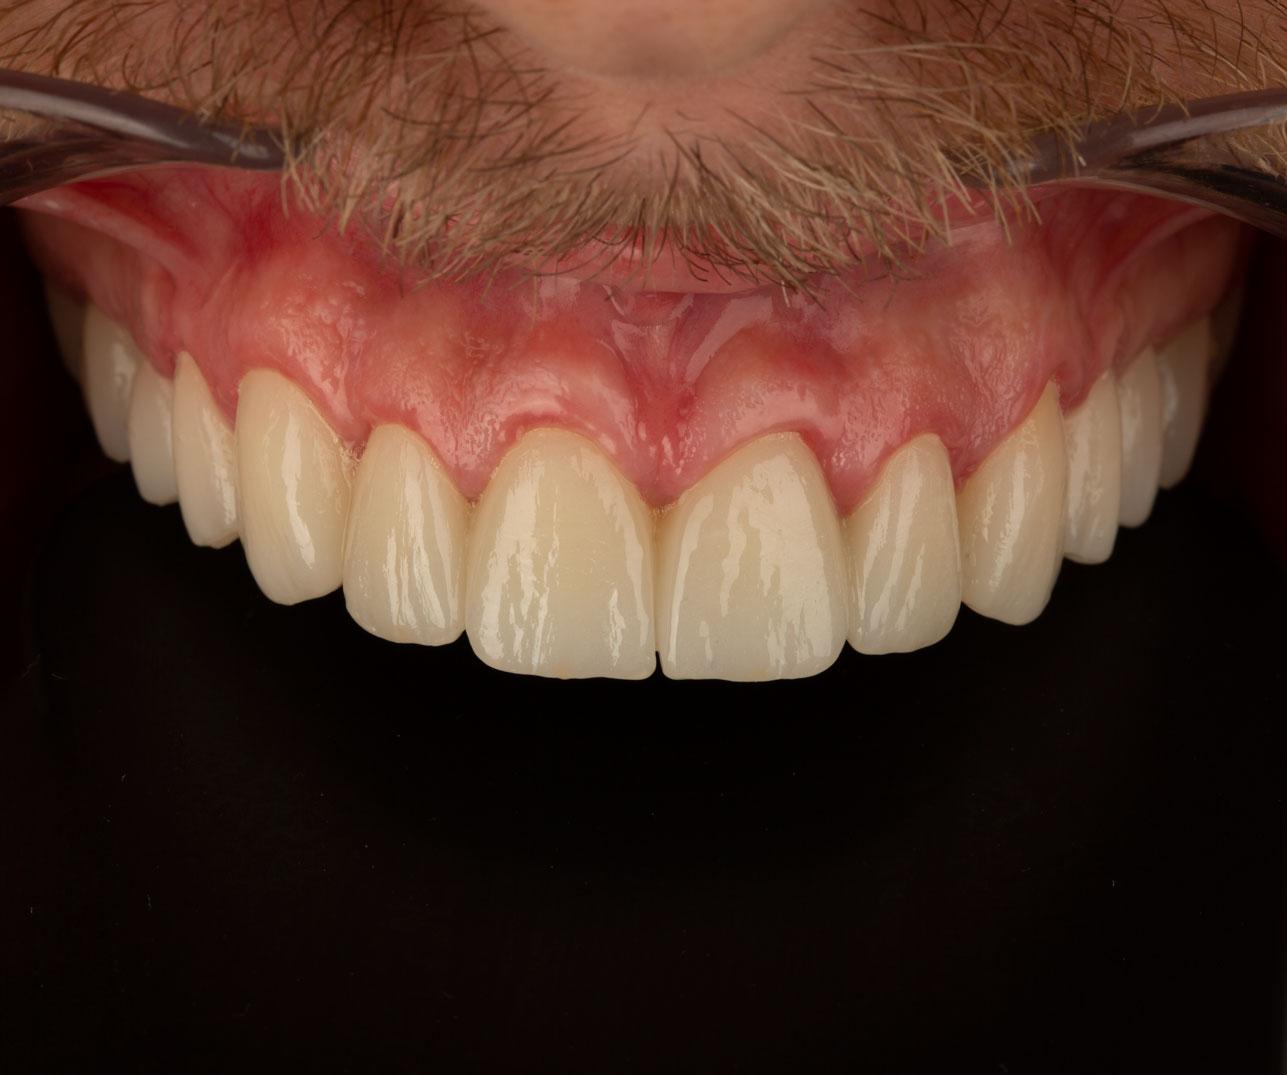 izgled ugrađenih zubnih krunica